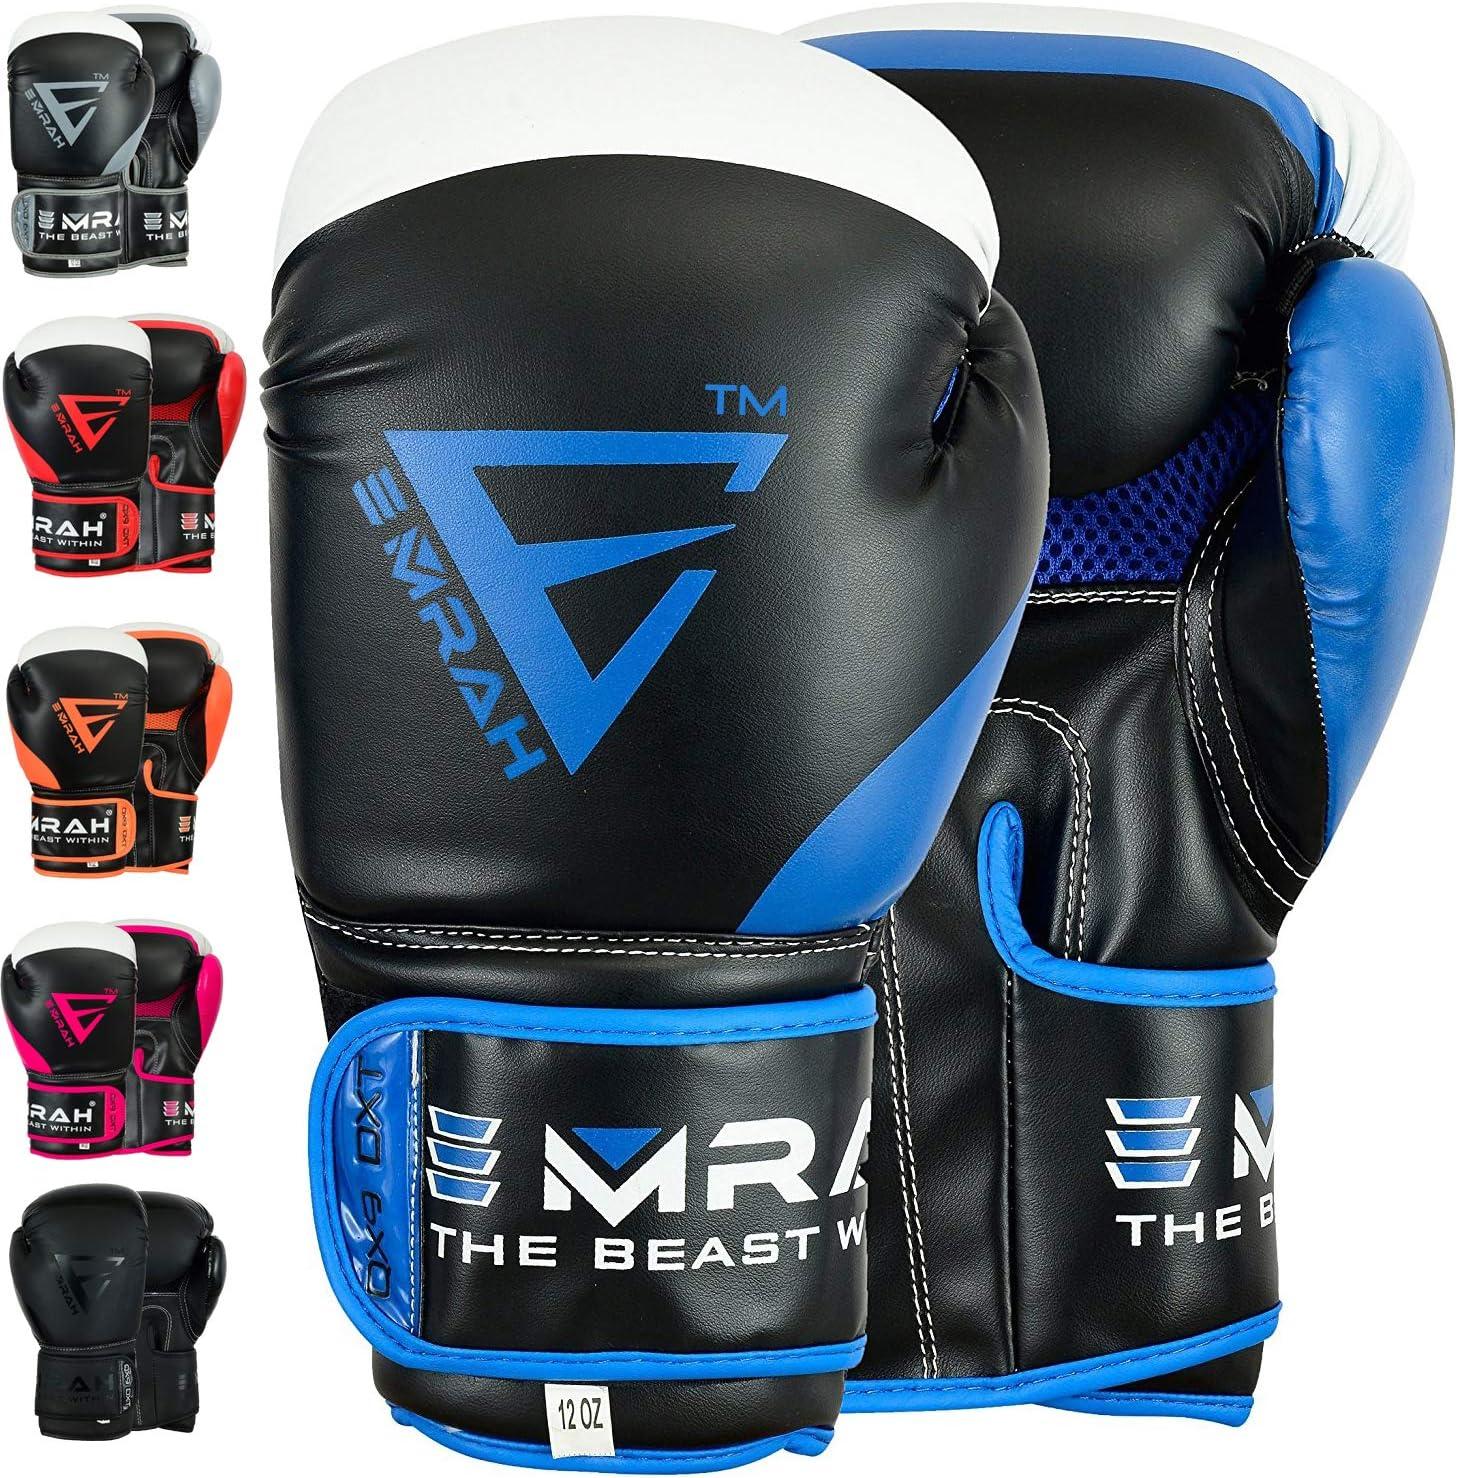 EMRAH Charged V-2 Gants De Boxe Muay Thai Entra/înement Sparring Sac De Boxe Mitaines Combat de Kick-Boxing Boxing Gloves